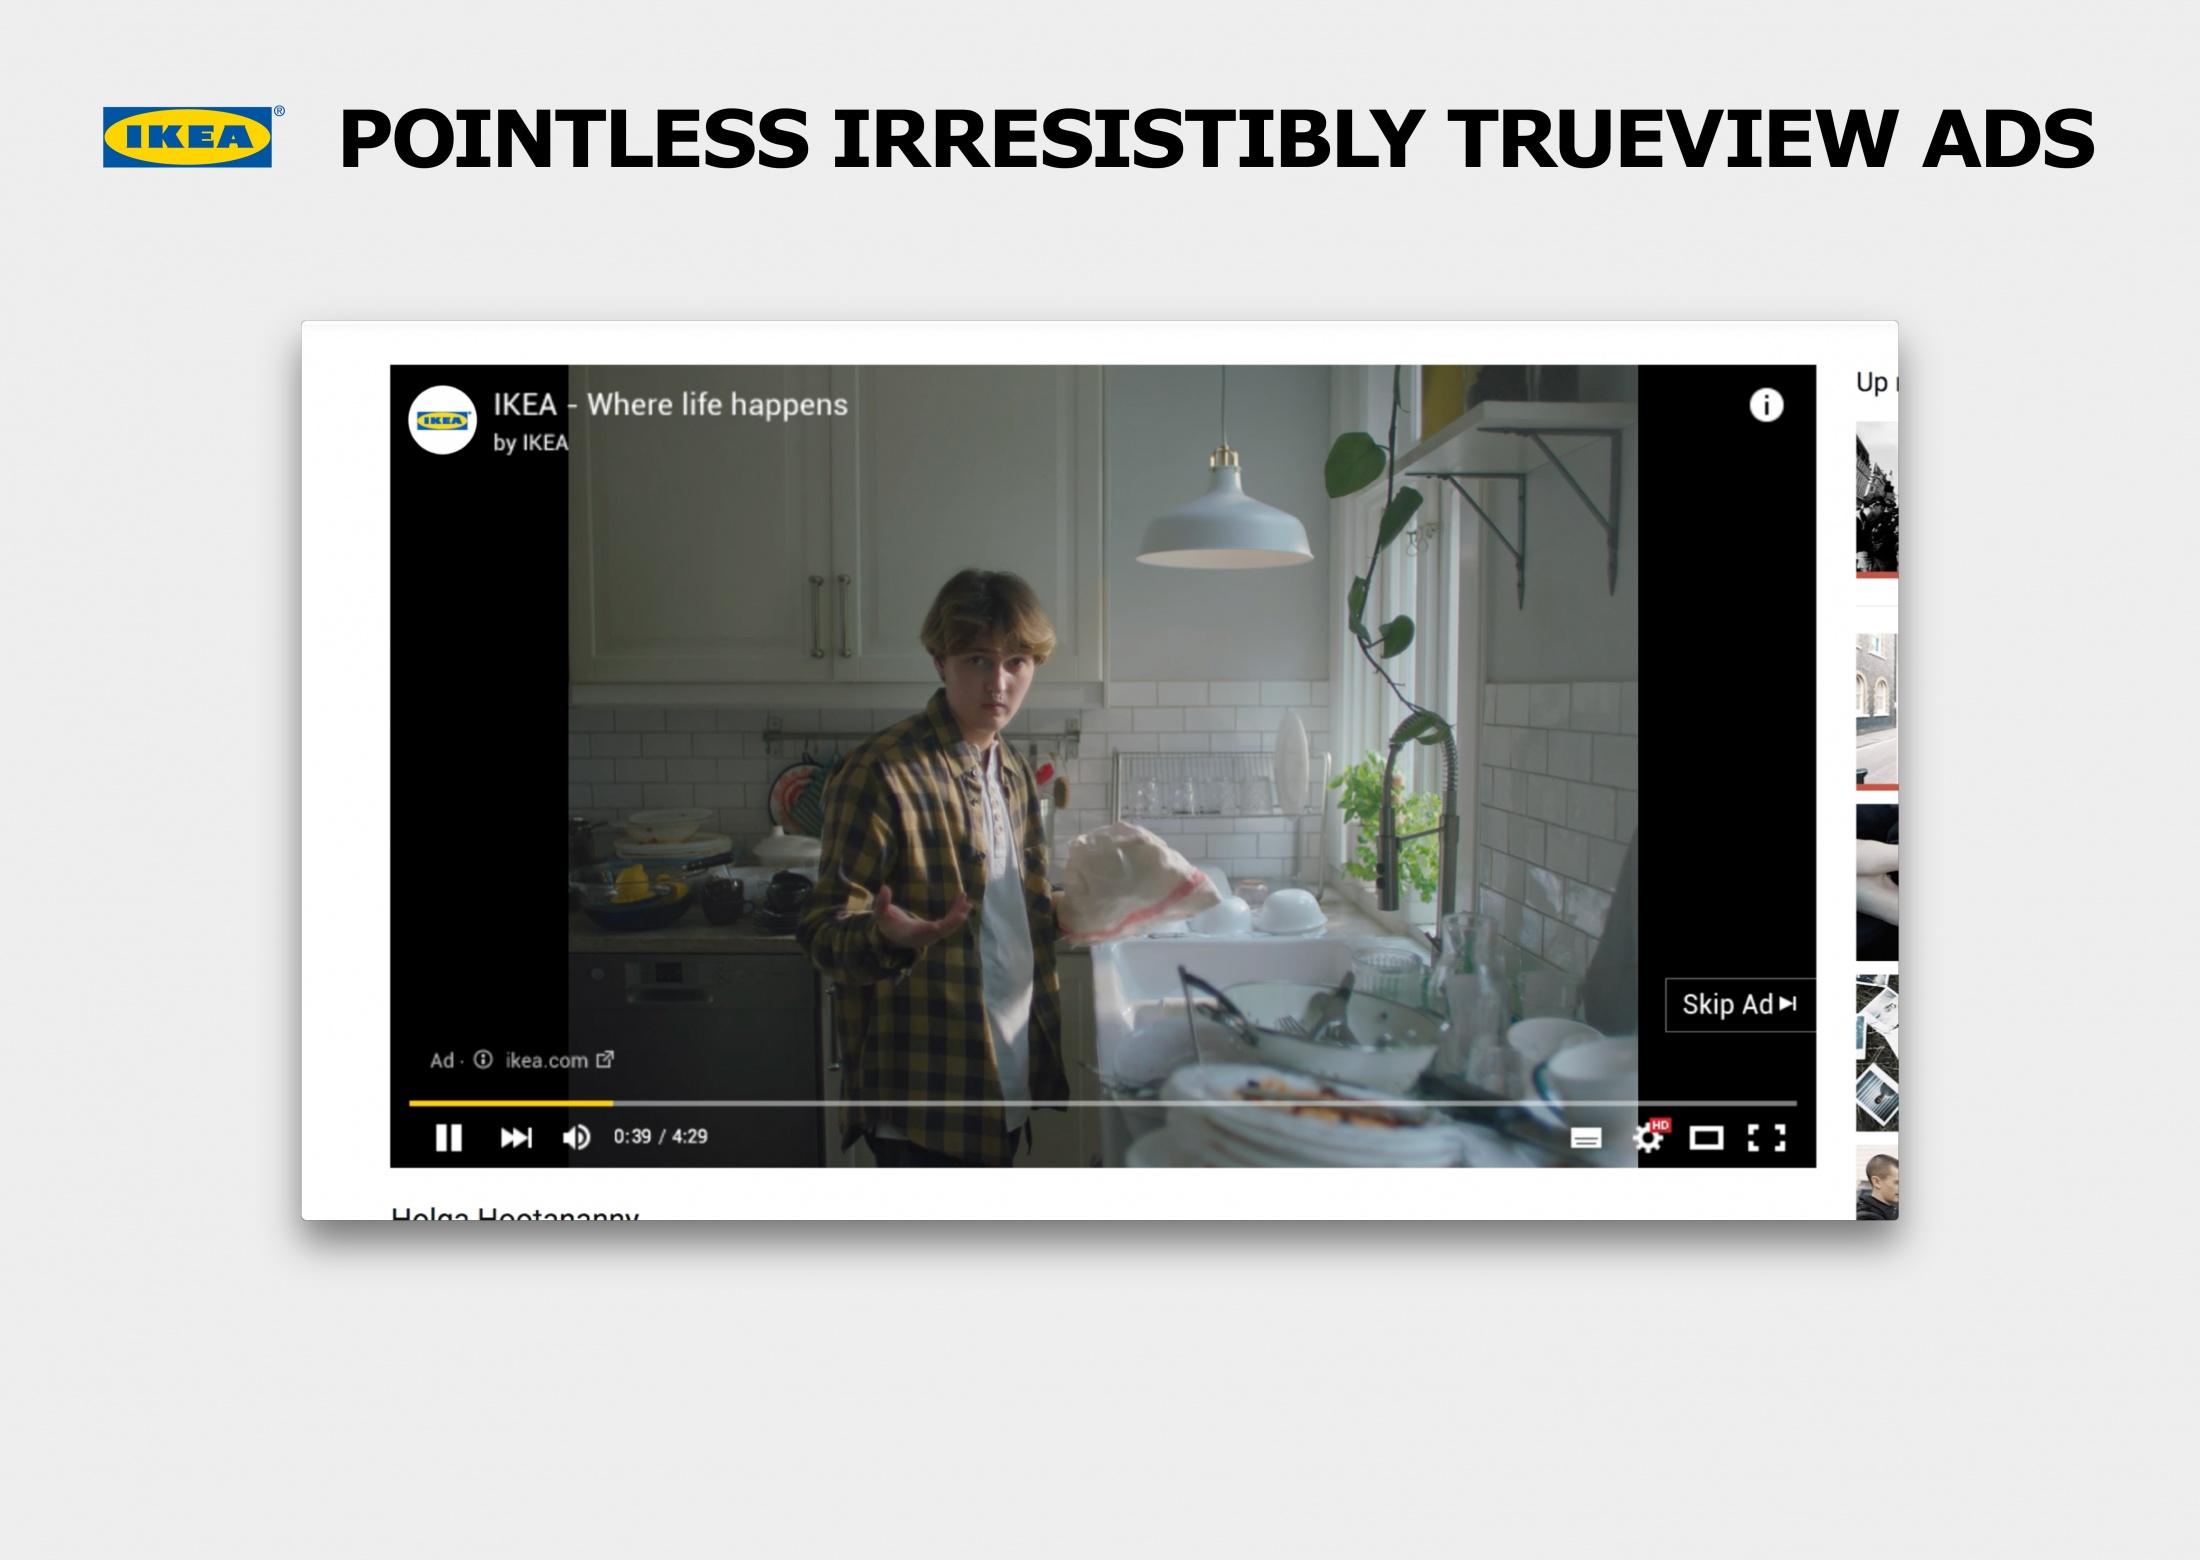 Thumbnail for Dishwashing